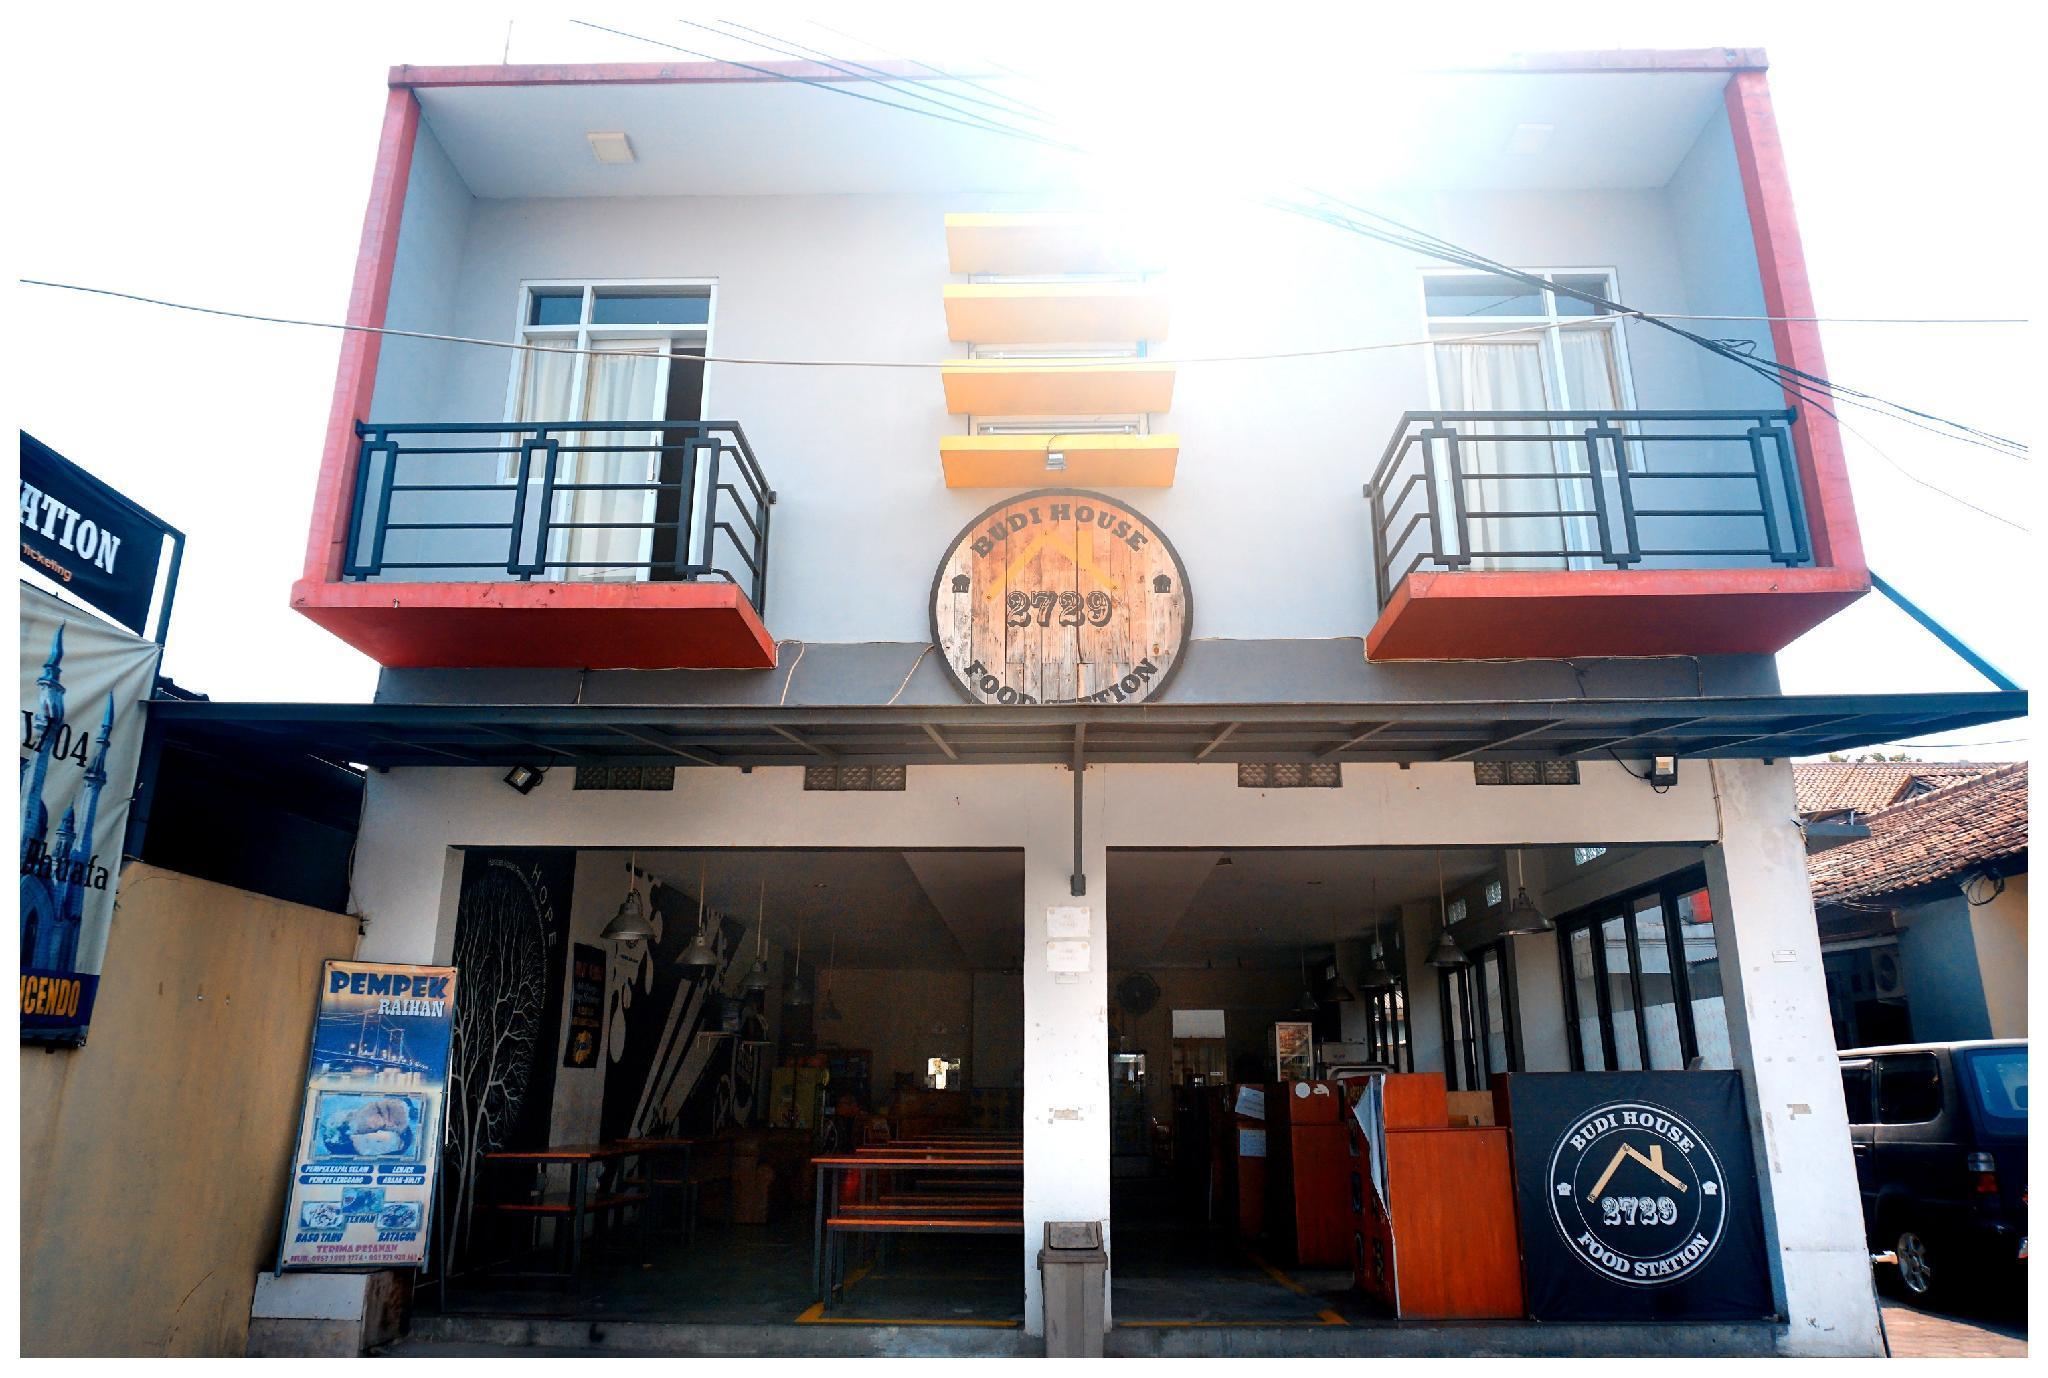 Budi house & food station, Cimahi